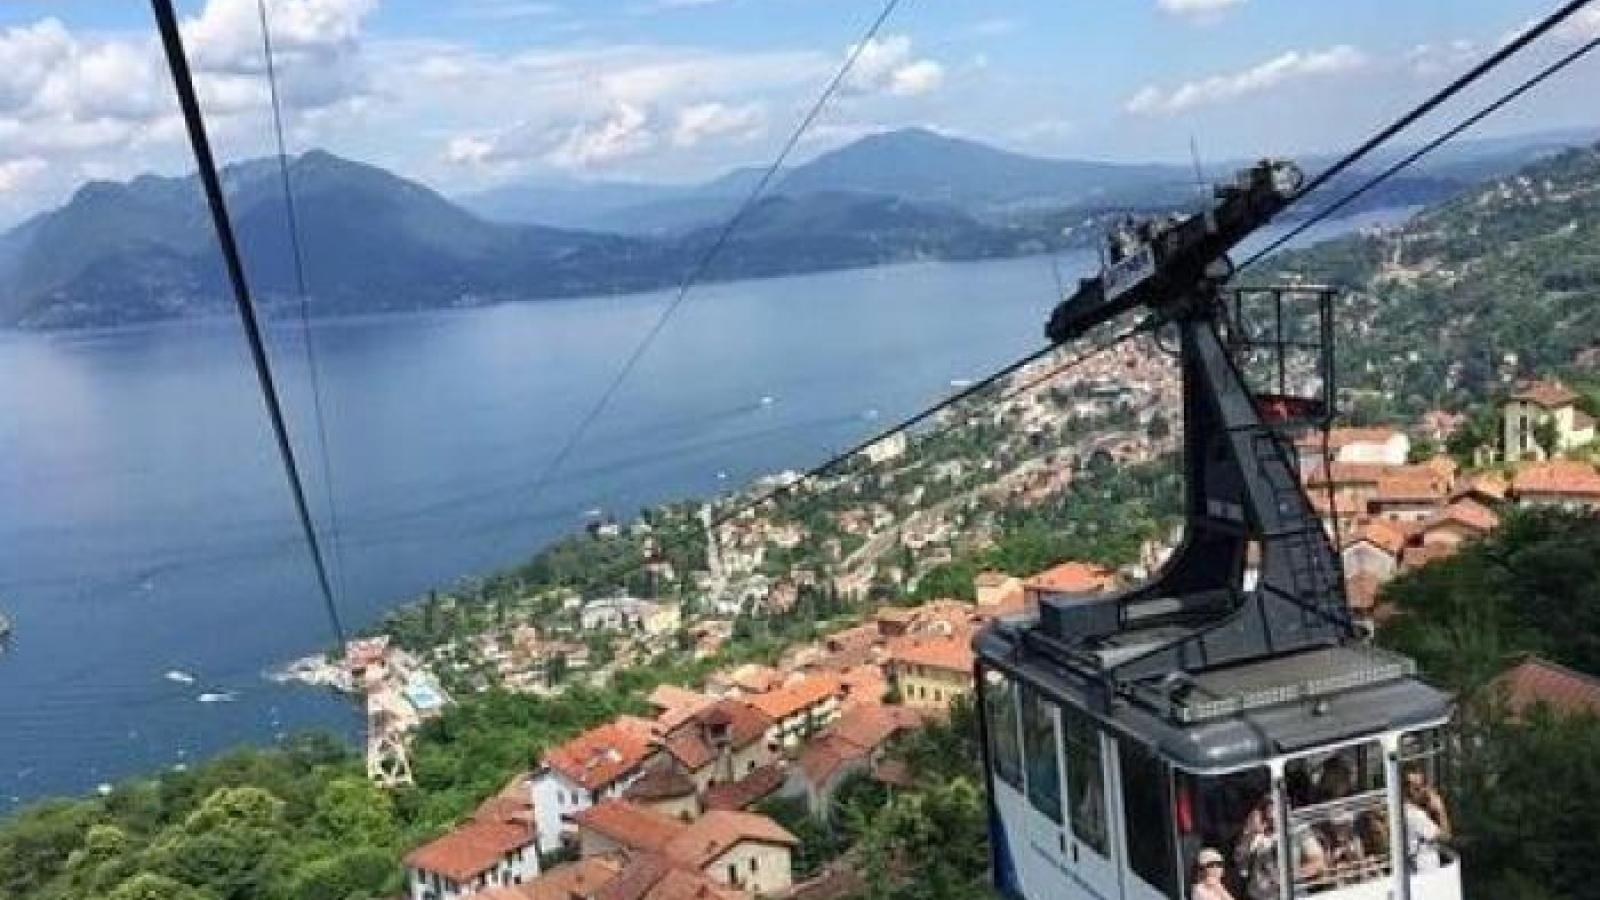 Ít nhất 8 người thiệt mạng do tai nạn cáp treo ở Italy